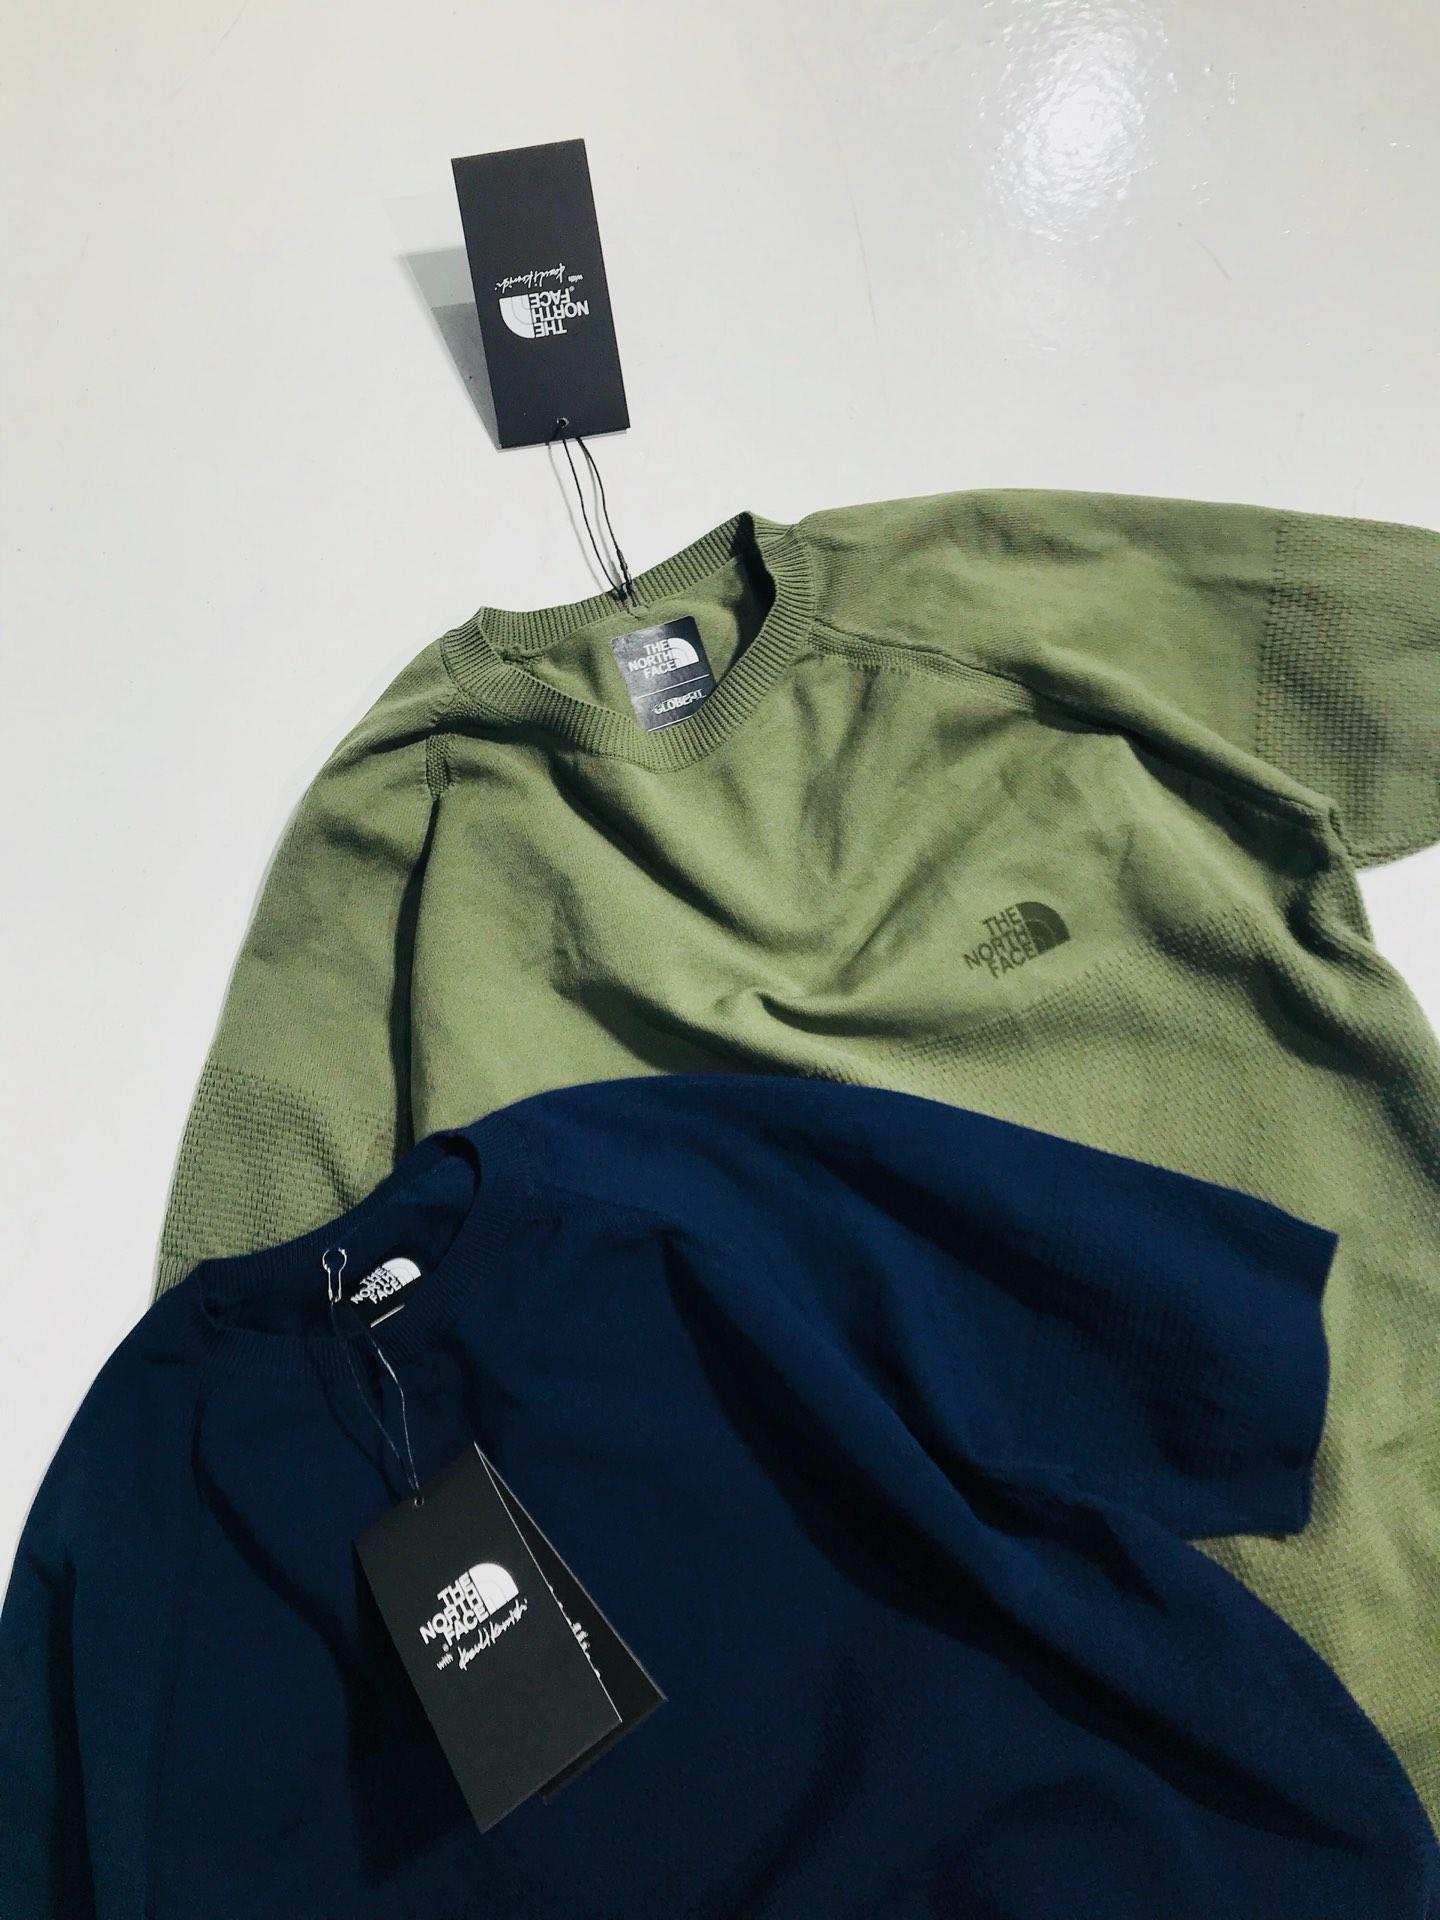 The North Face カップル 半袖 ブランドスーパーコピー 代引き可能 送料無料